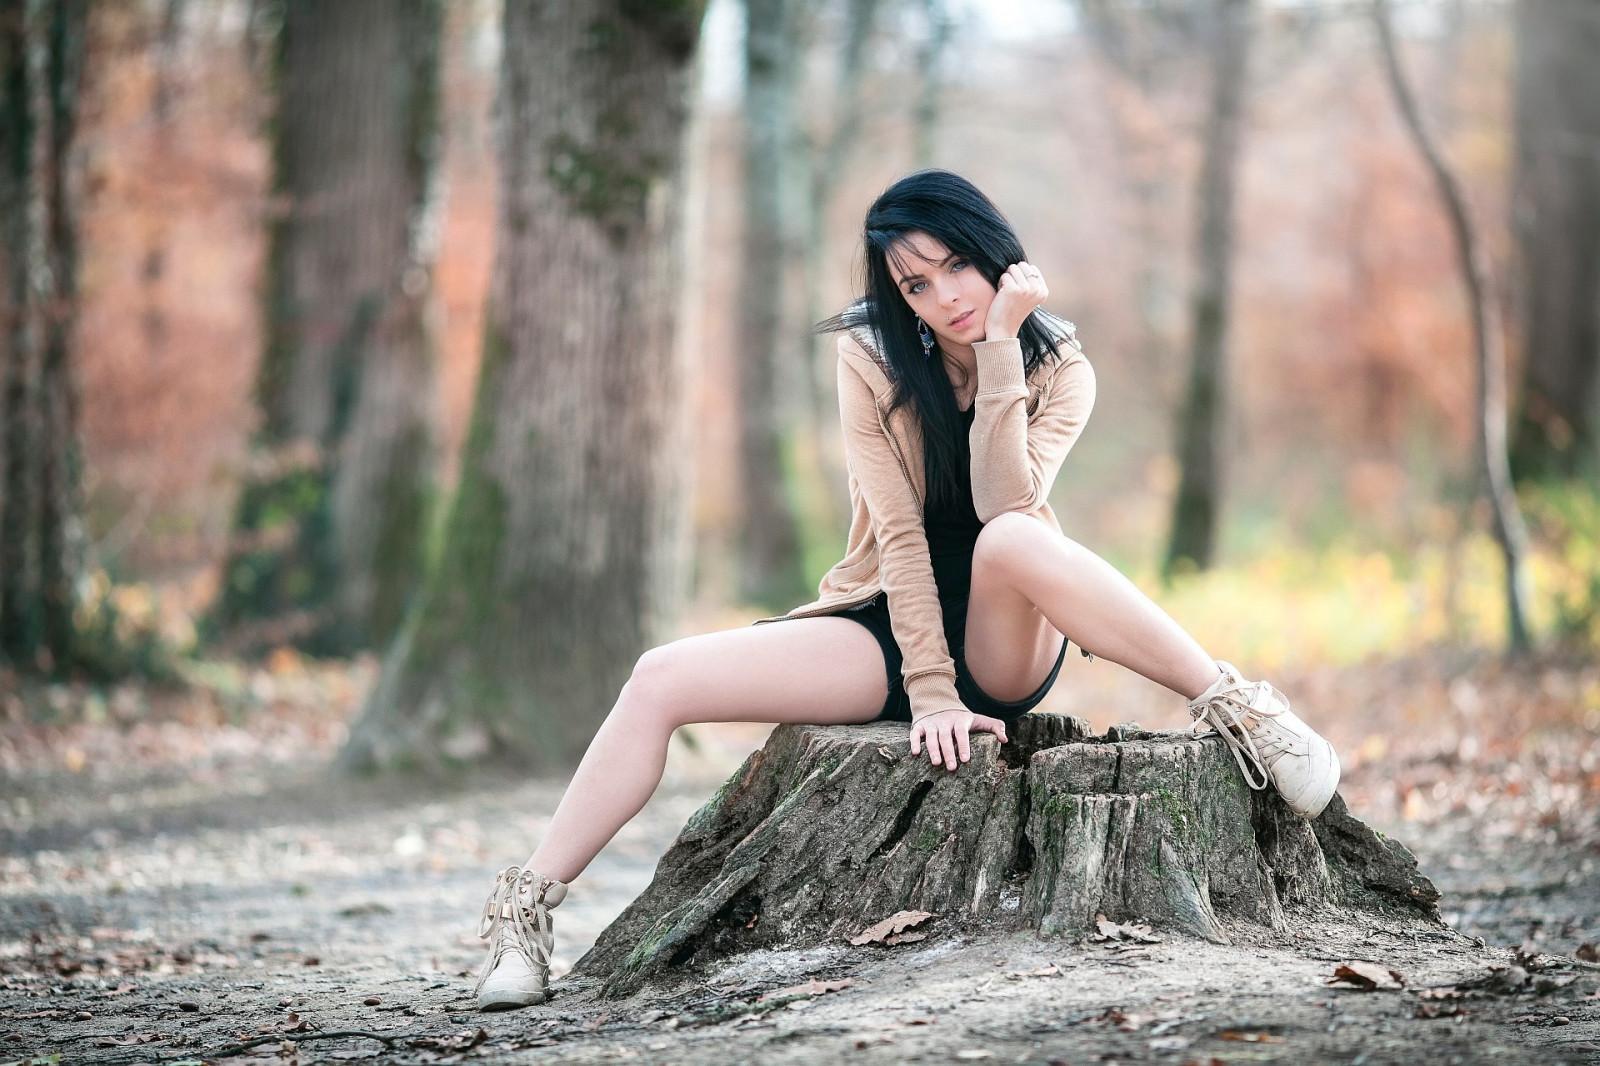 Фото голых раздвинутых, Шикарные бабы с раздвинутыми ногами порно фото 10 фотография